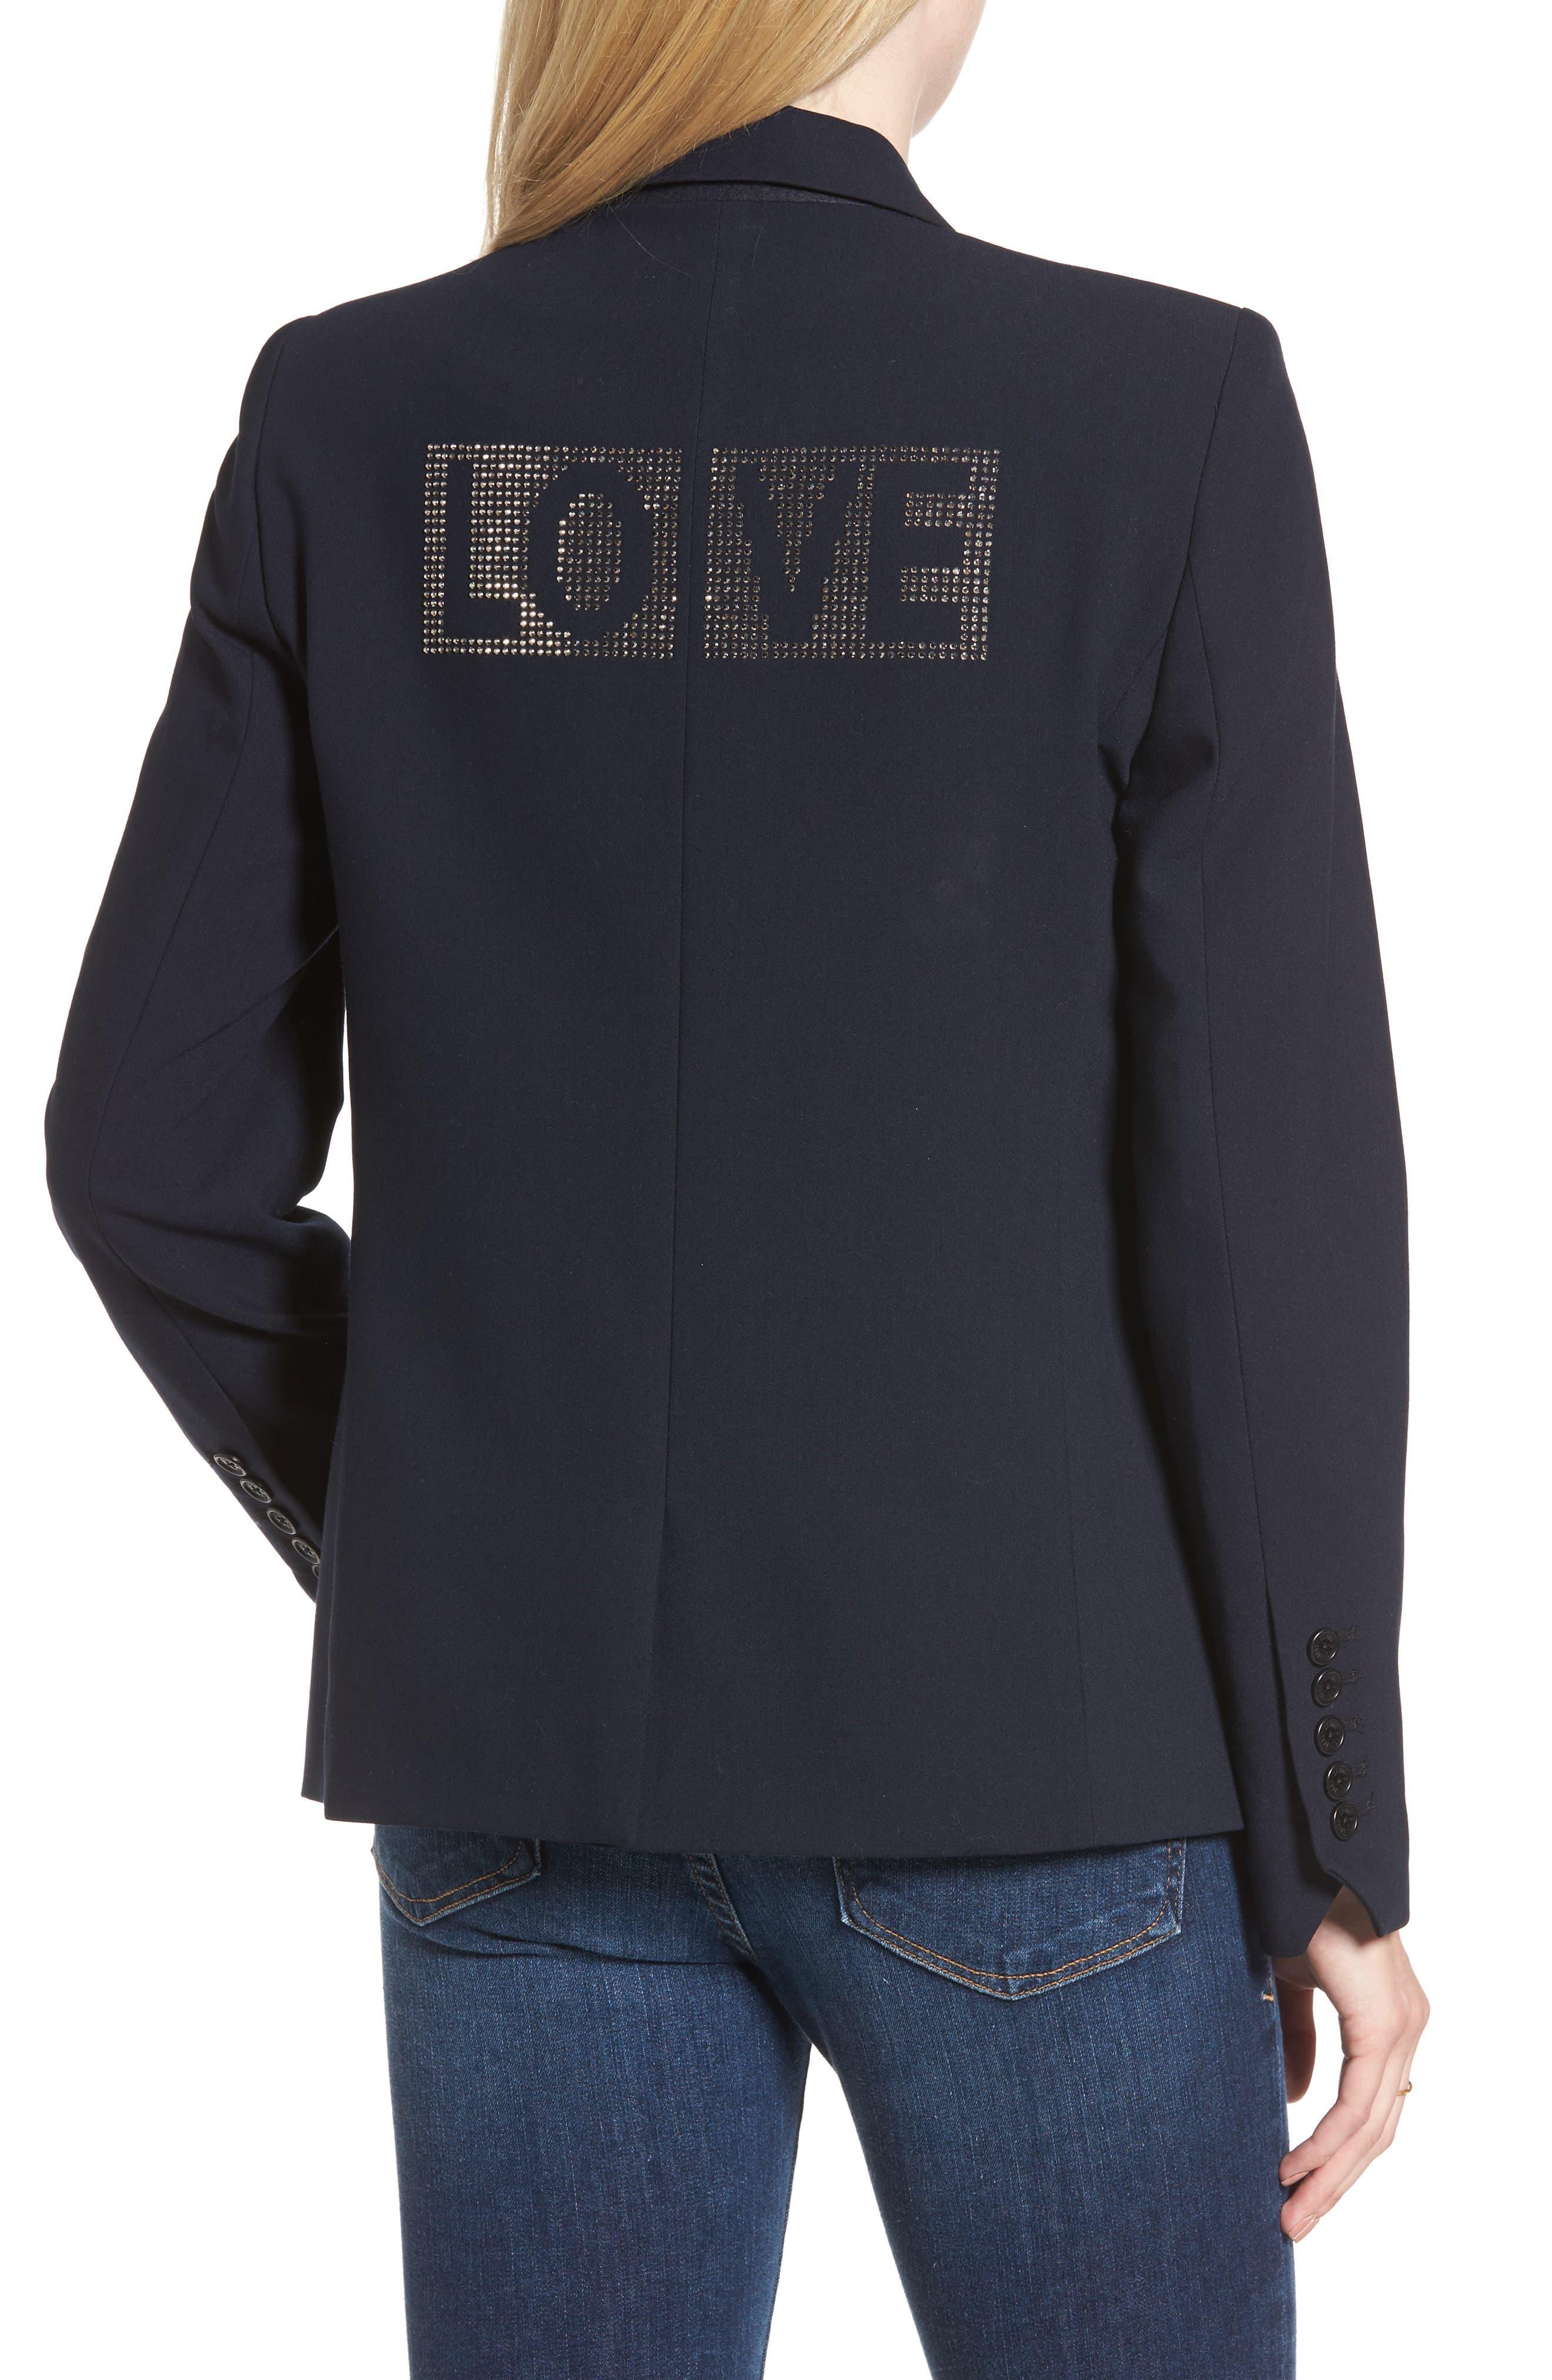 Victor Love Bis Studded Jacket,                             Alternate thumbnail 2, color,                             005